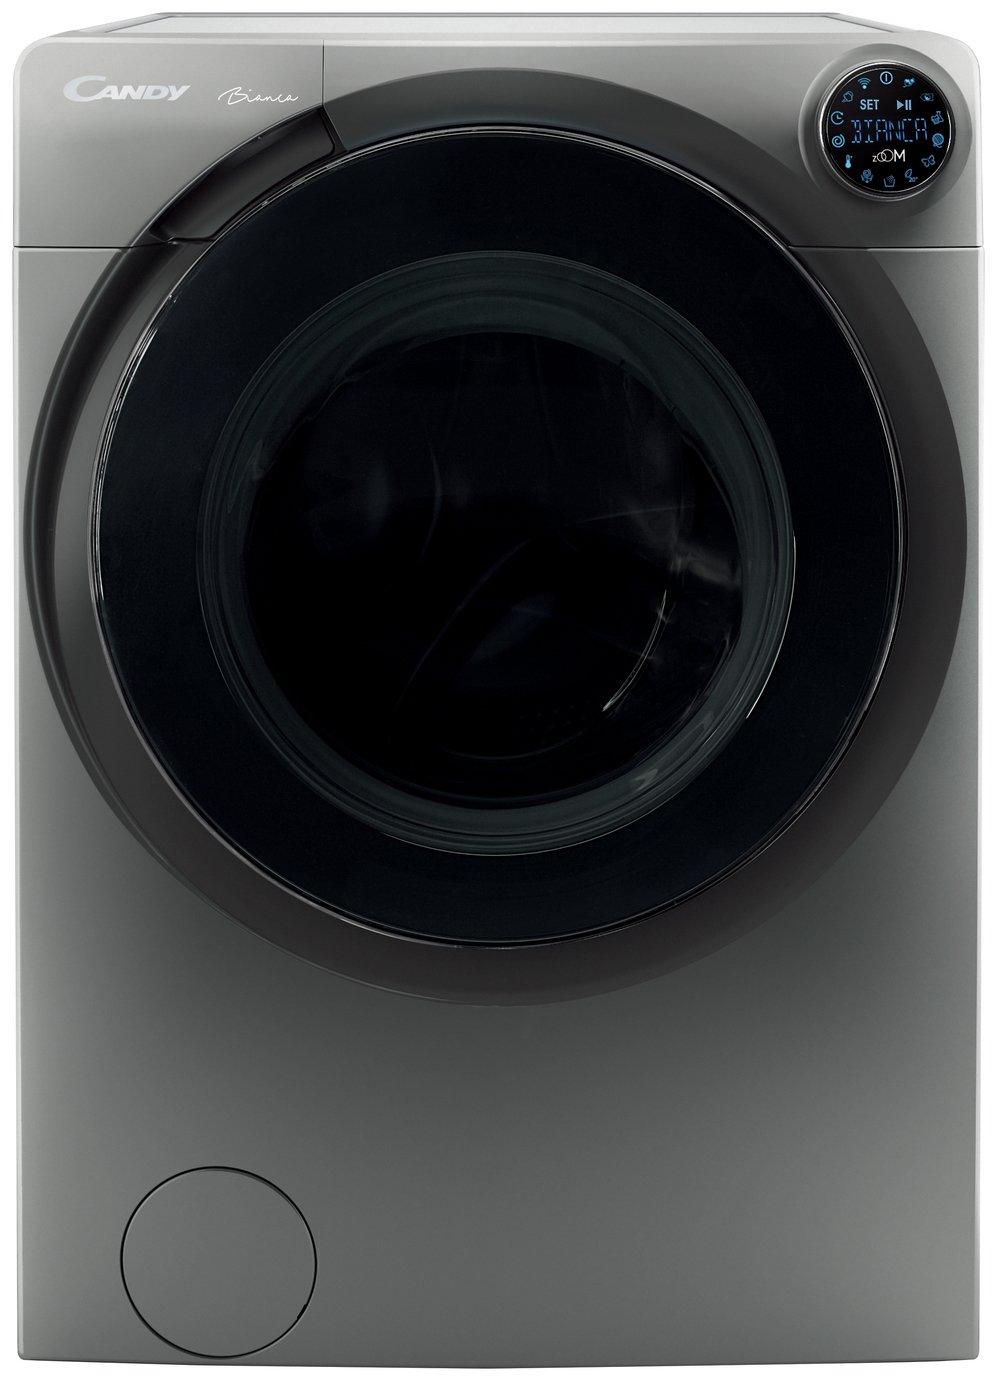 Image of Candy Bianca BWM149PH7R 9KG 1400 Spin Washing Machine